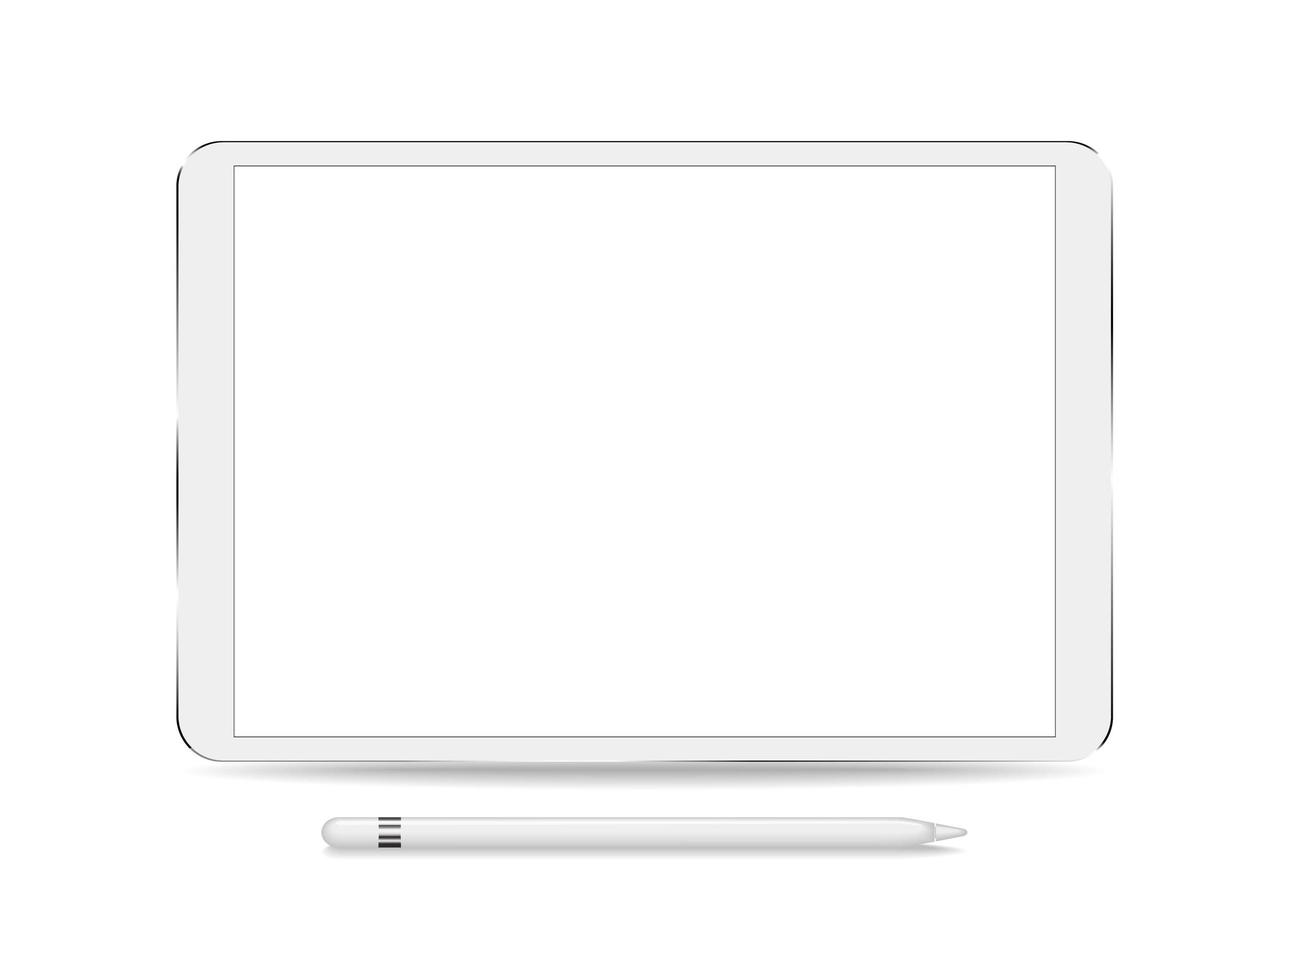 tablet met leeg scherm en stylus vector